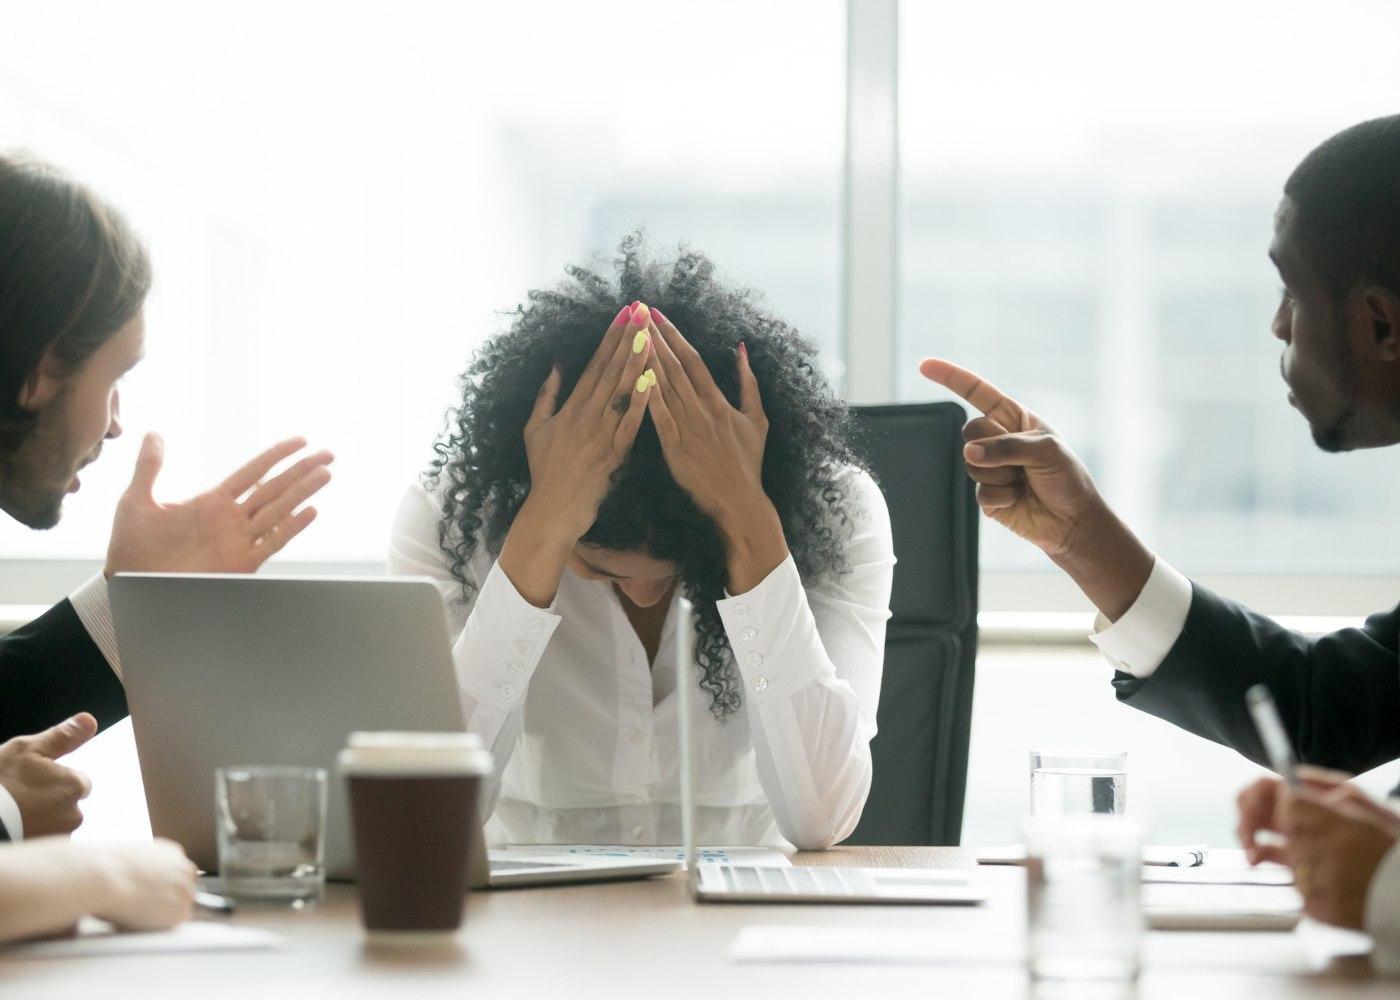 mulher a sofrer de assédio moral no trabalho por parte de dois colegas